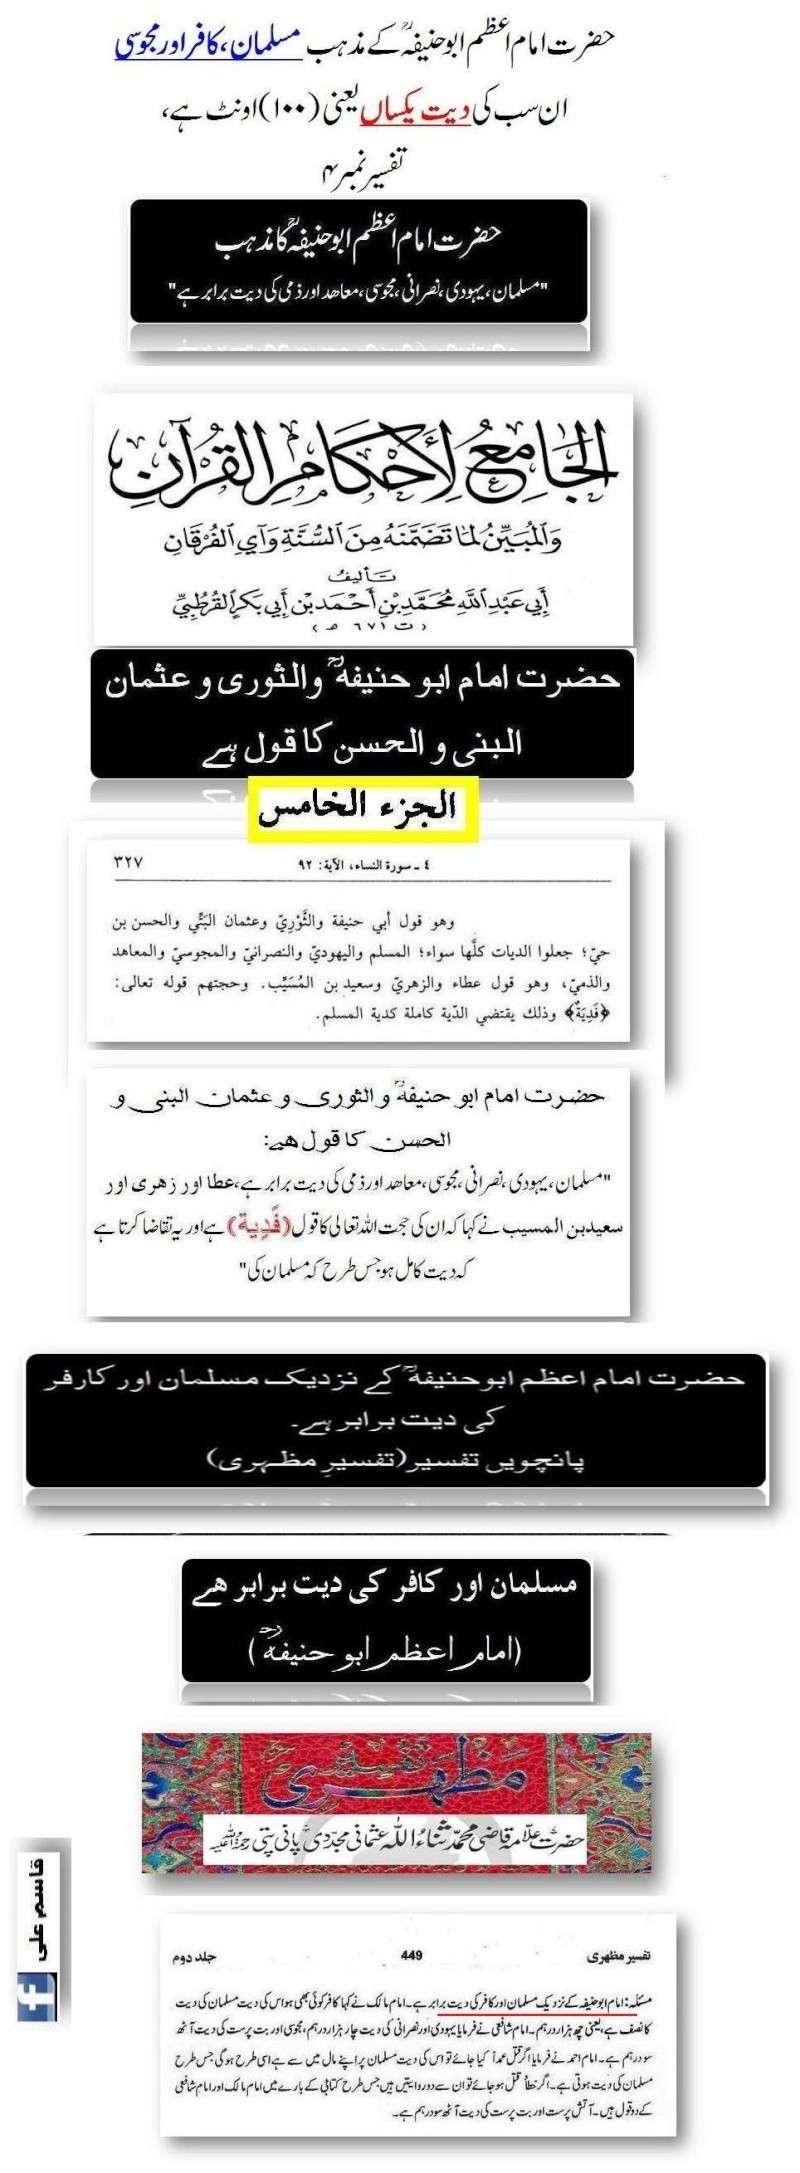 دیت کی جعلی فتوی فیکٹری پر منہاج القرآن کی فتح کا جھنڈا - Page 2 7d_10